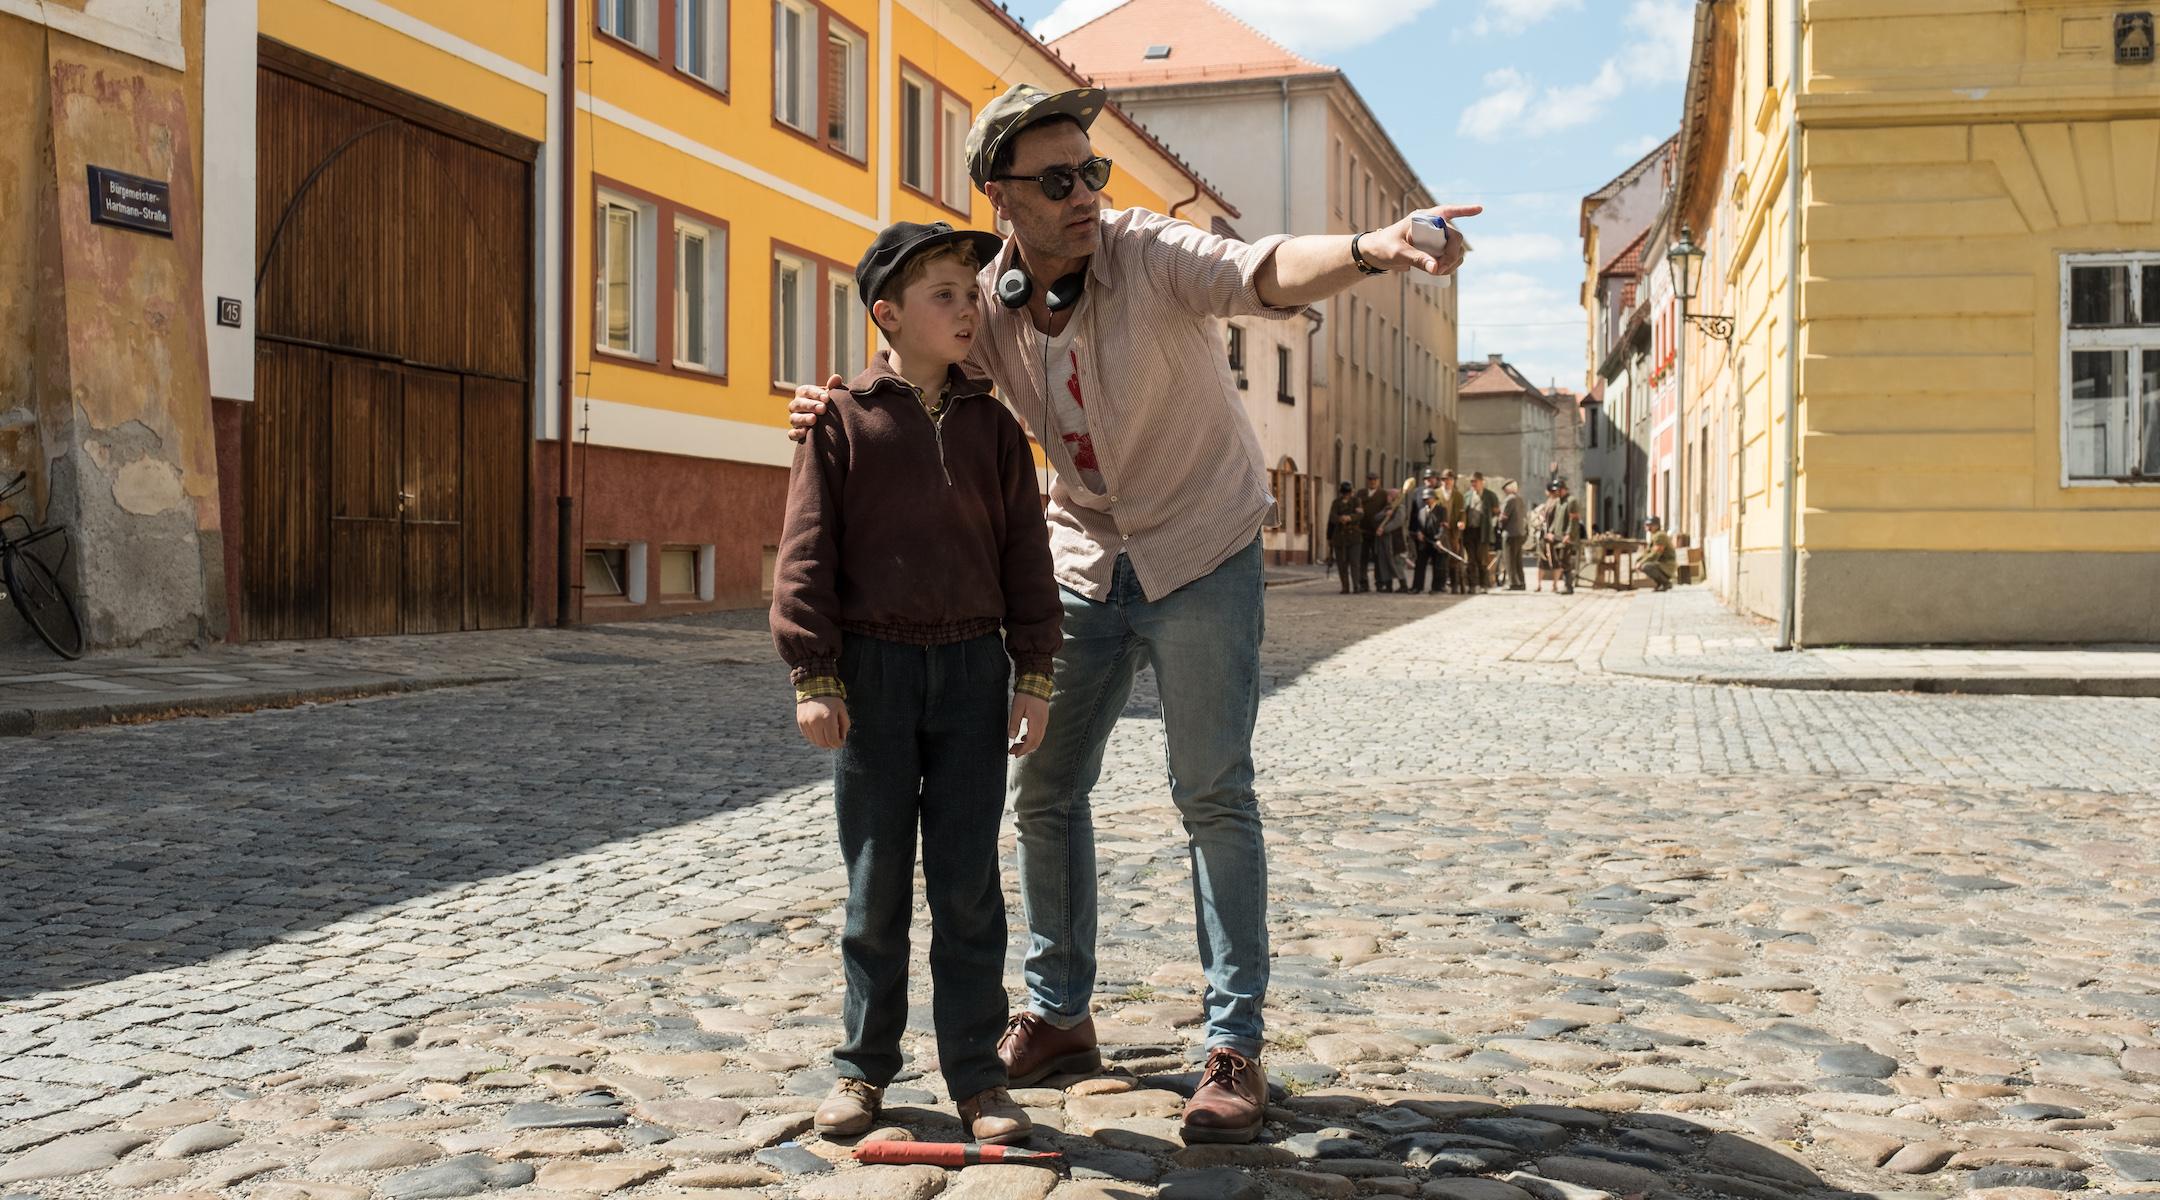 Тайка Вайтити дает Роман Гриффин Дэвис направление на съемочной площадке. (Кимберли Френч / Двадцатый век Fox Film Corp.)